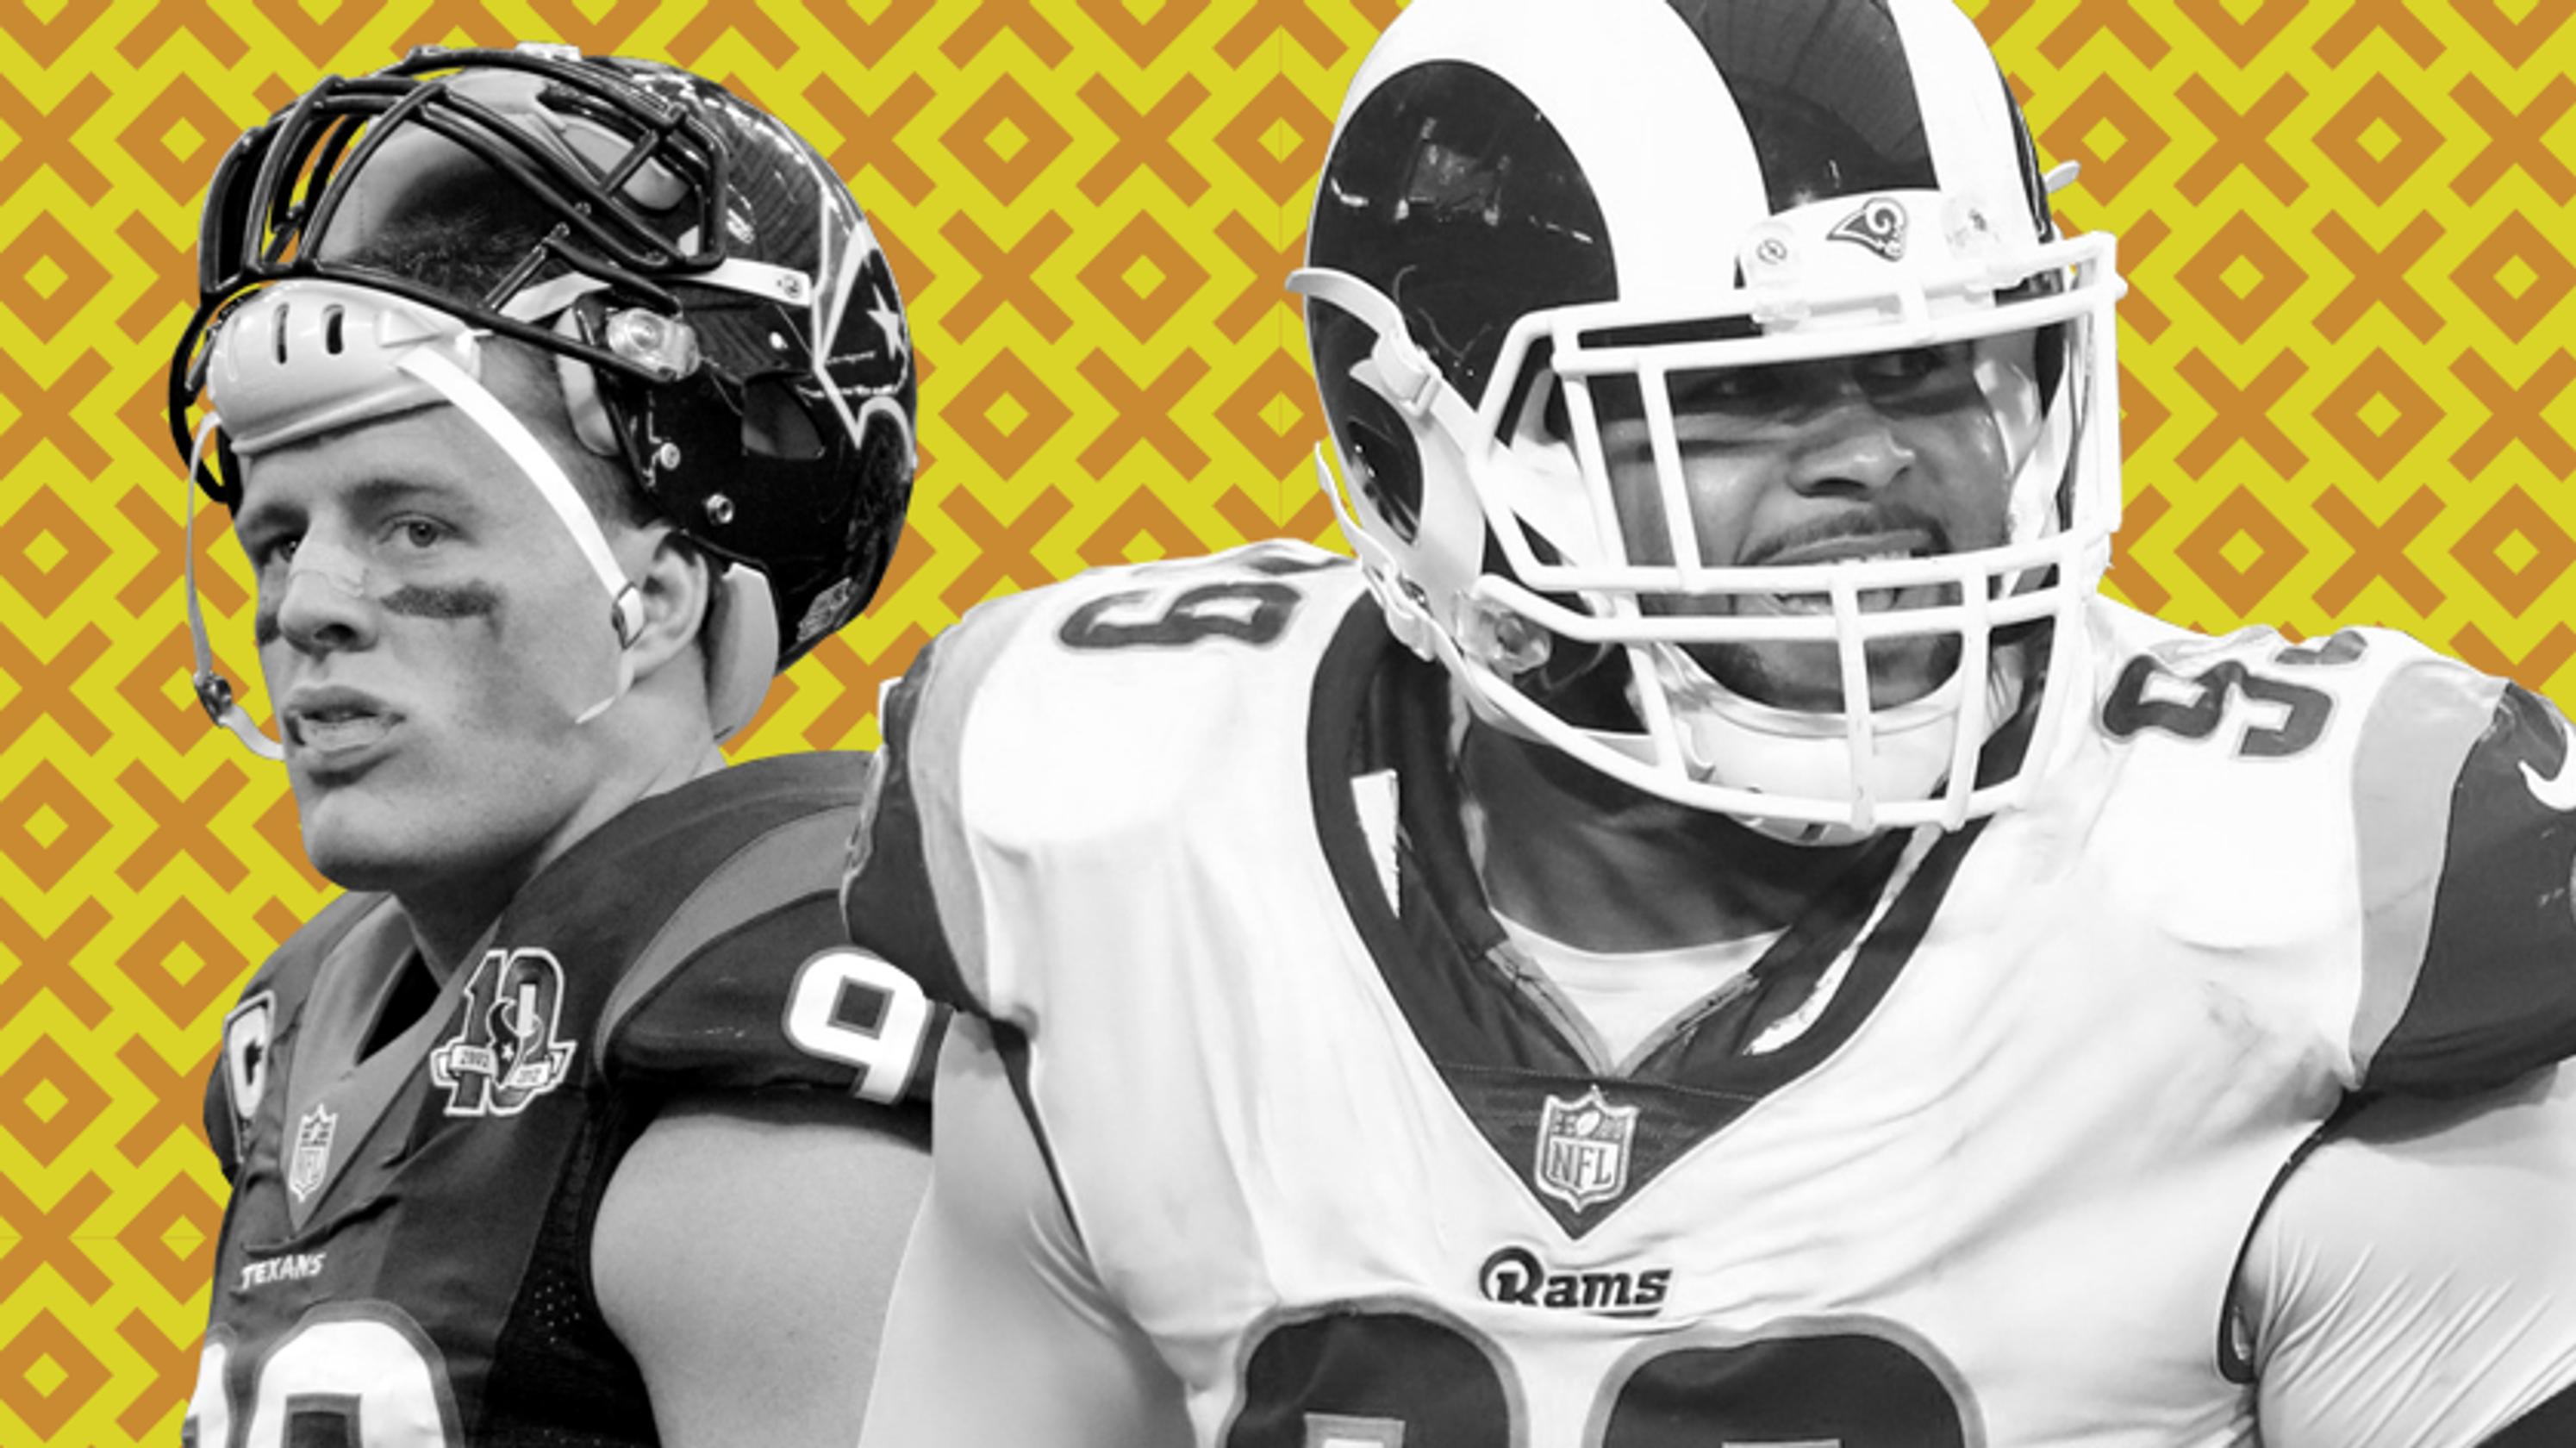 Classificação de potência da NFL: Rams recuperam a posição número 1, com os texanos a fecharem no top cinco